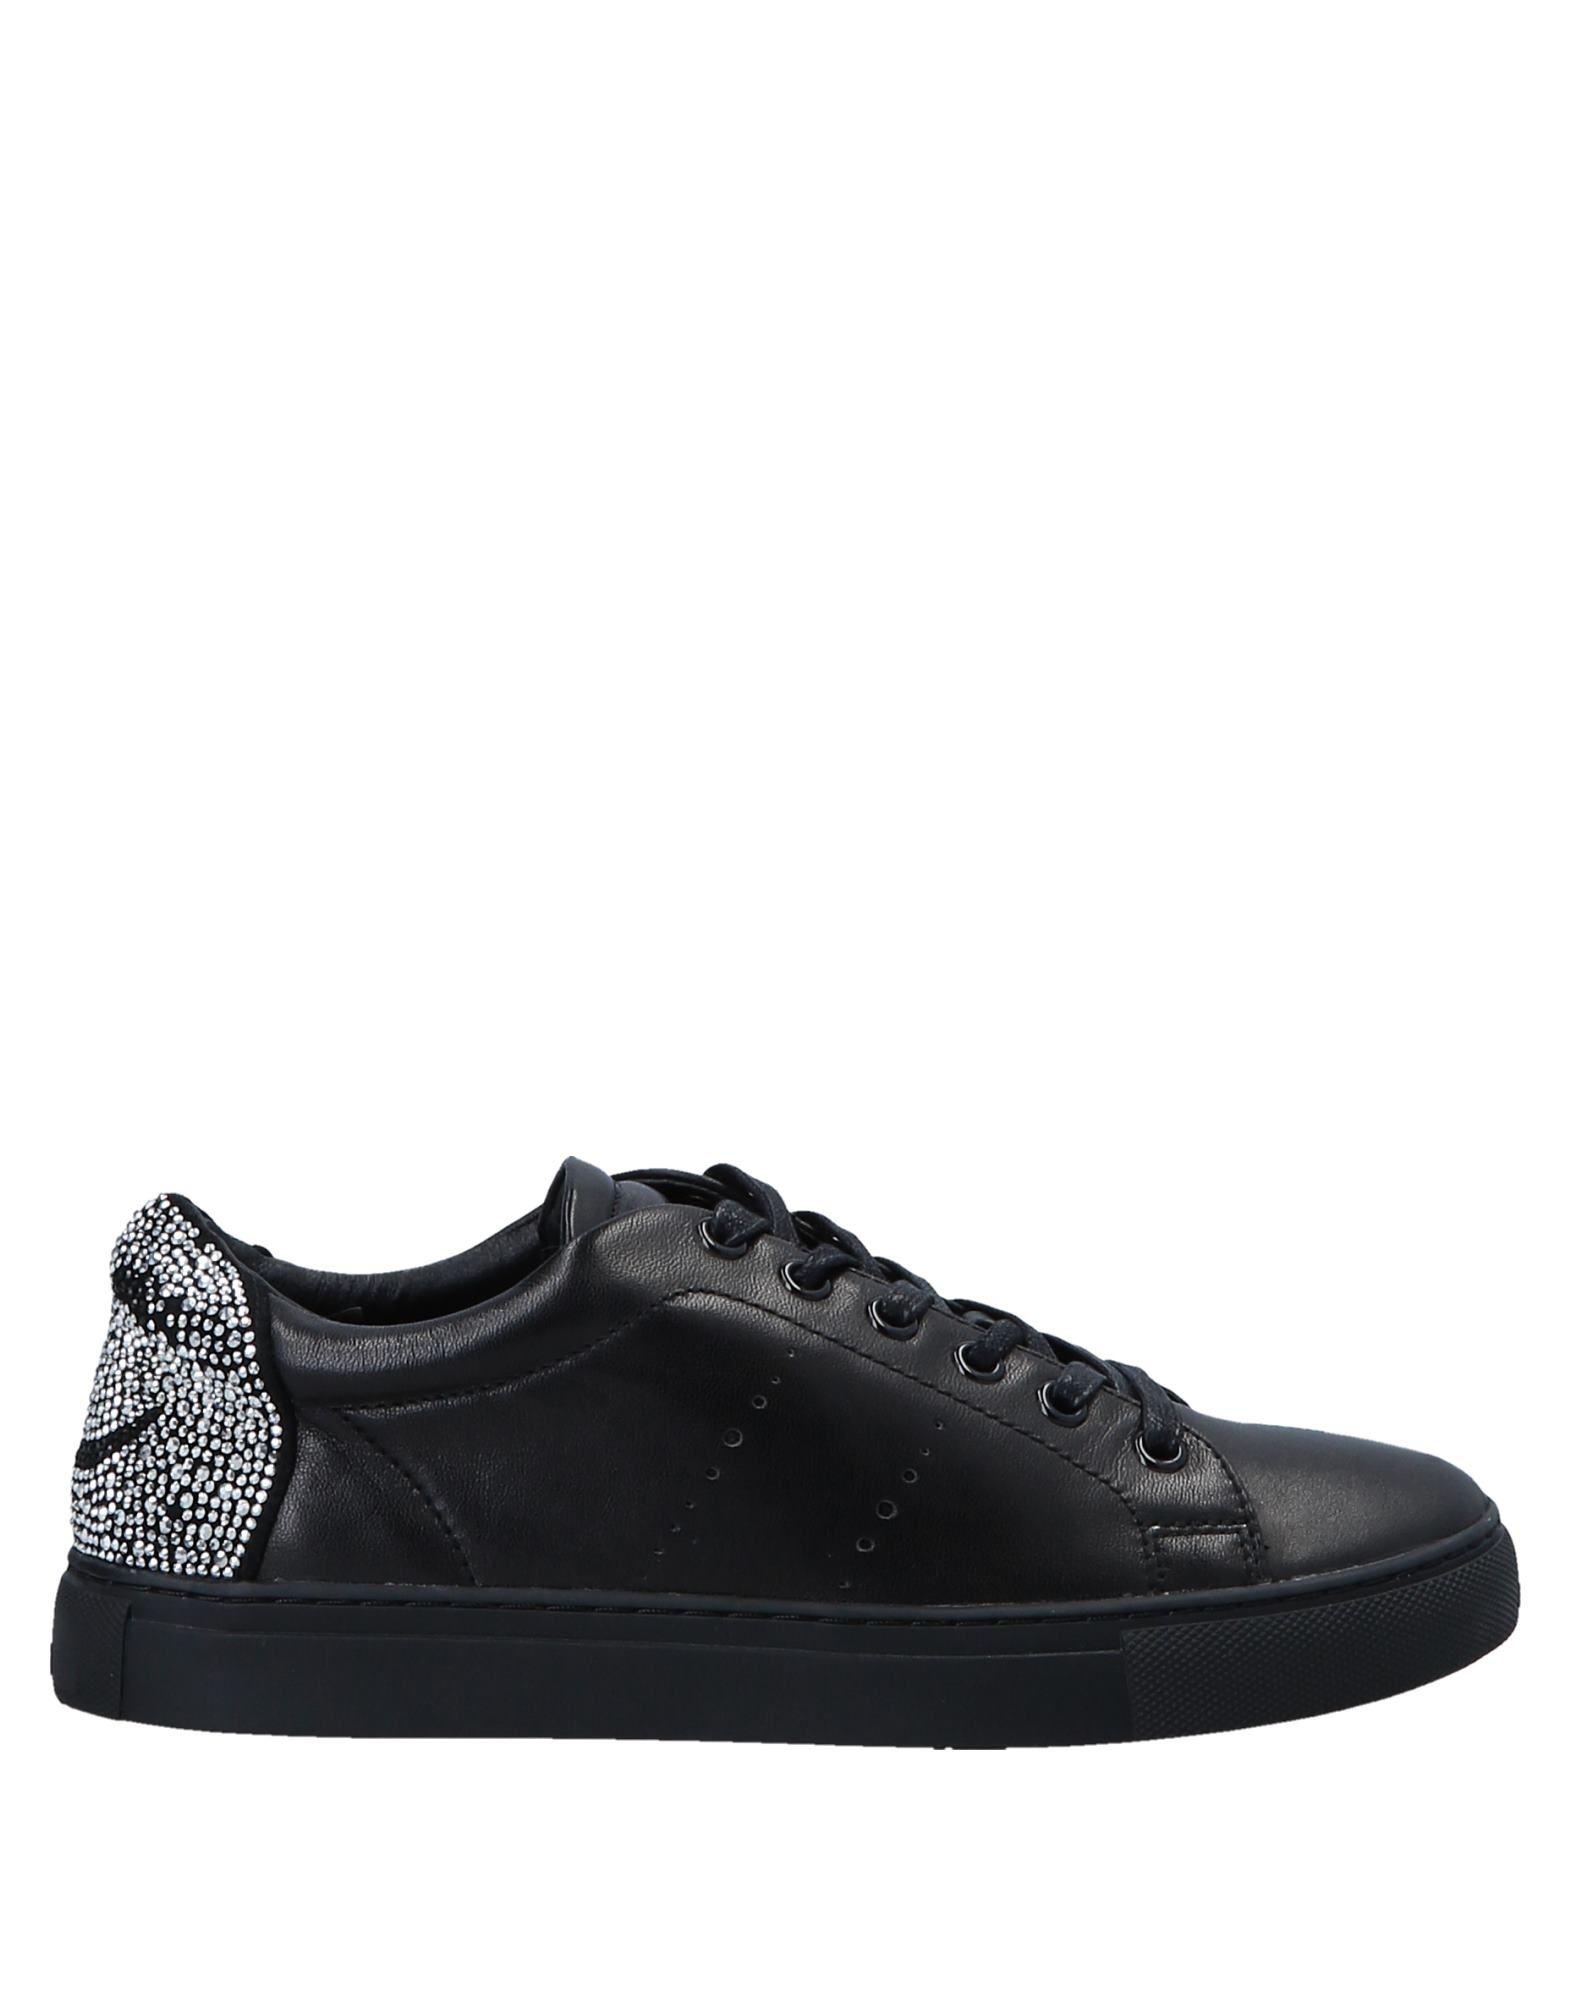 Sneakers Joshua*S Uomo - 11343190KN Scarpe economiche e buone